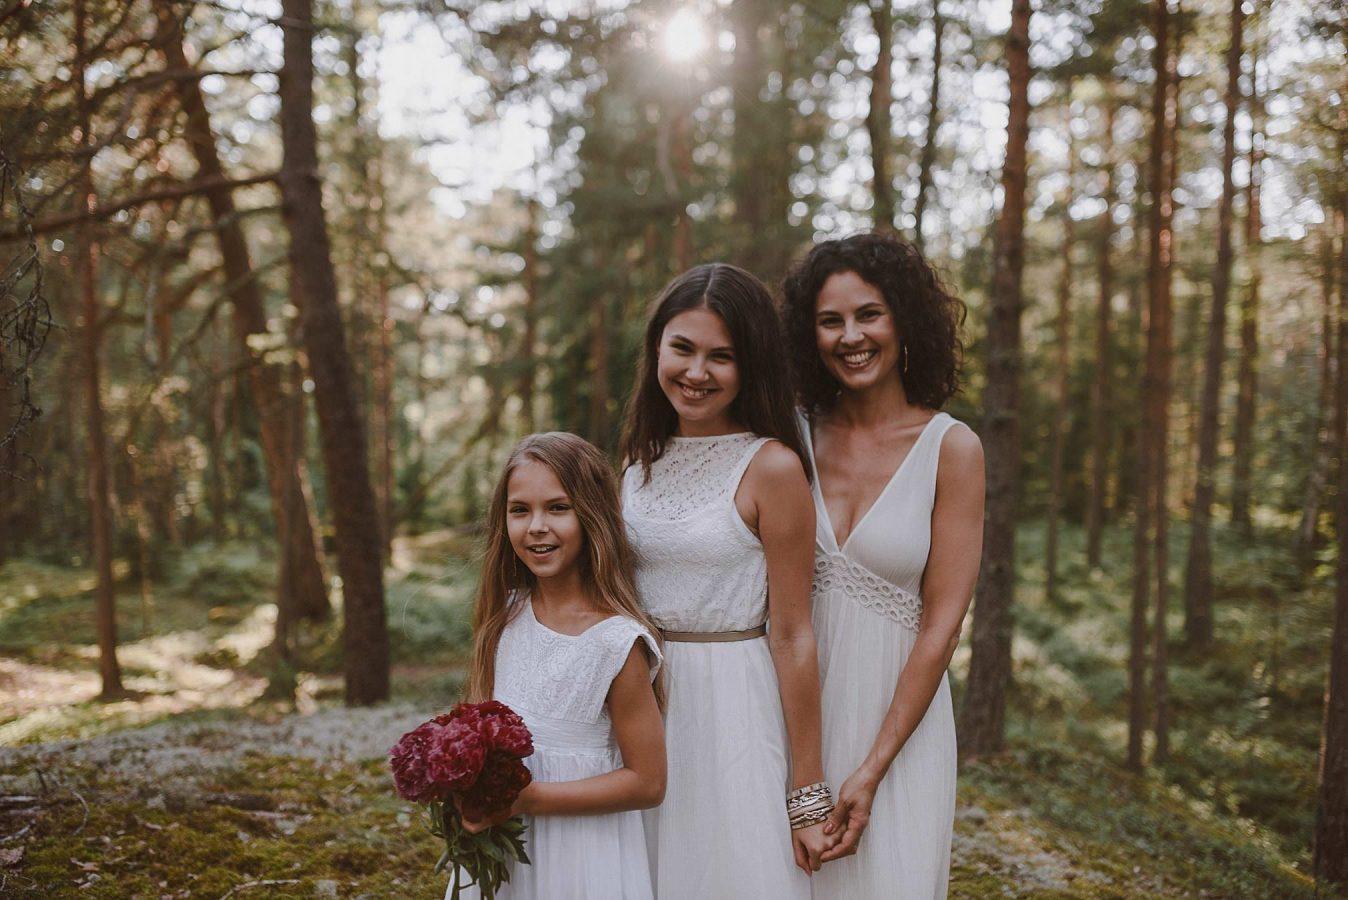 perhekuvaus-turussa-ruissalossa-valokuvaaja-lapsikuvaus-5141